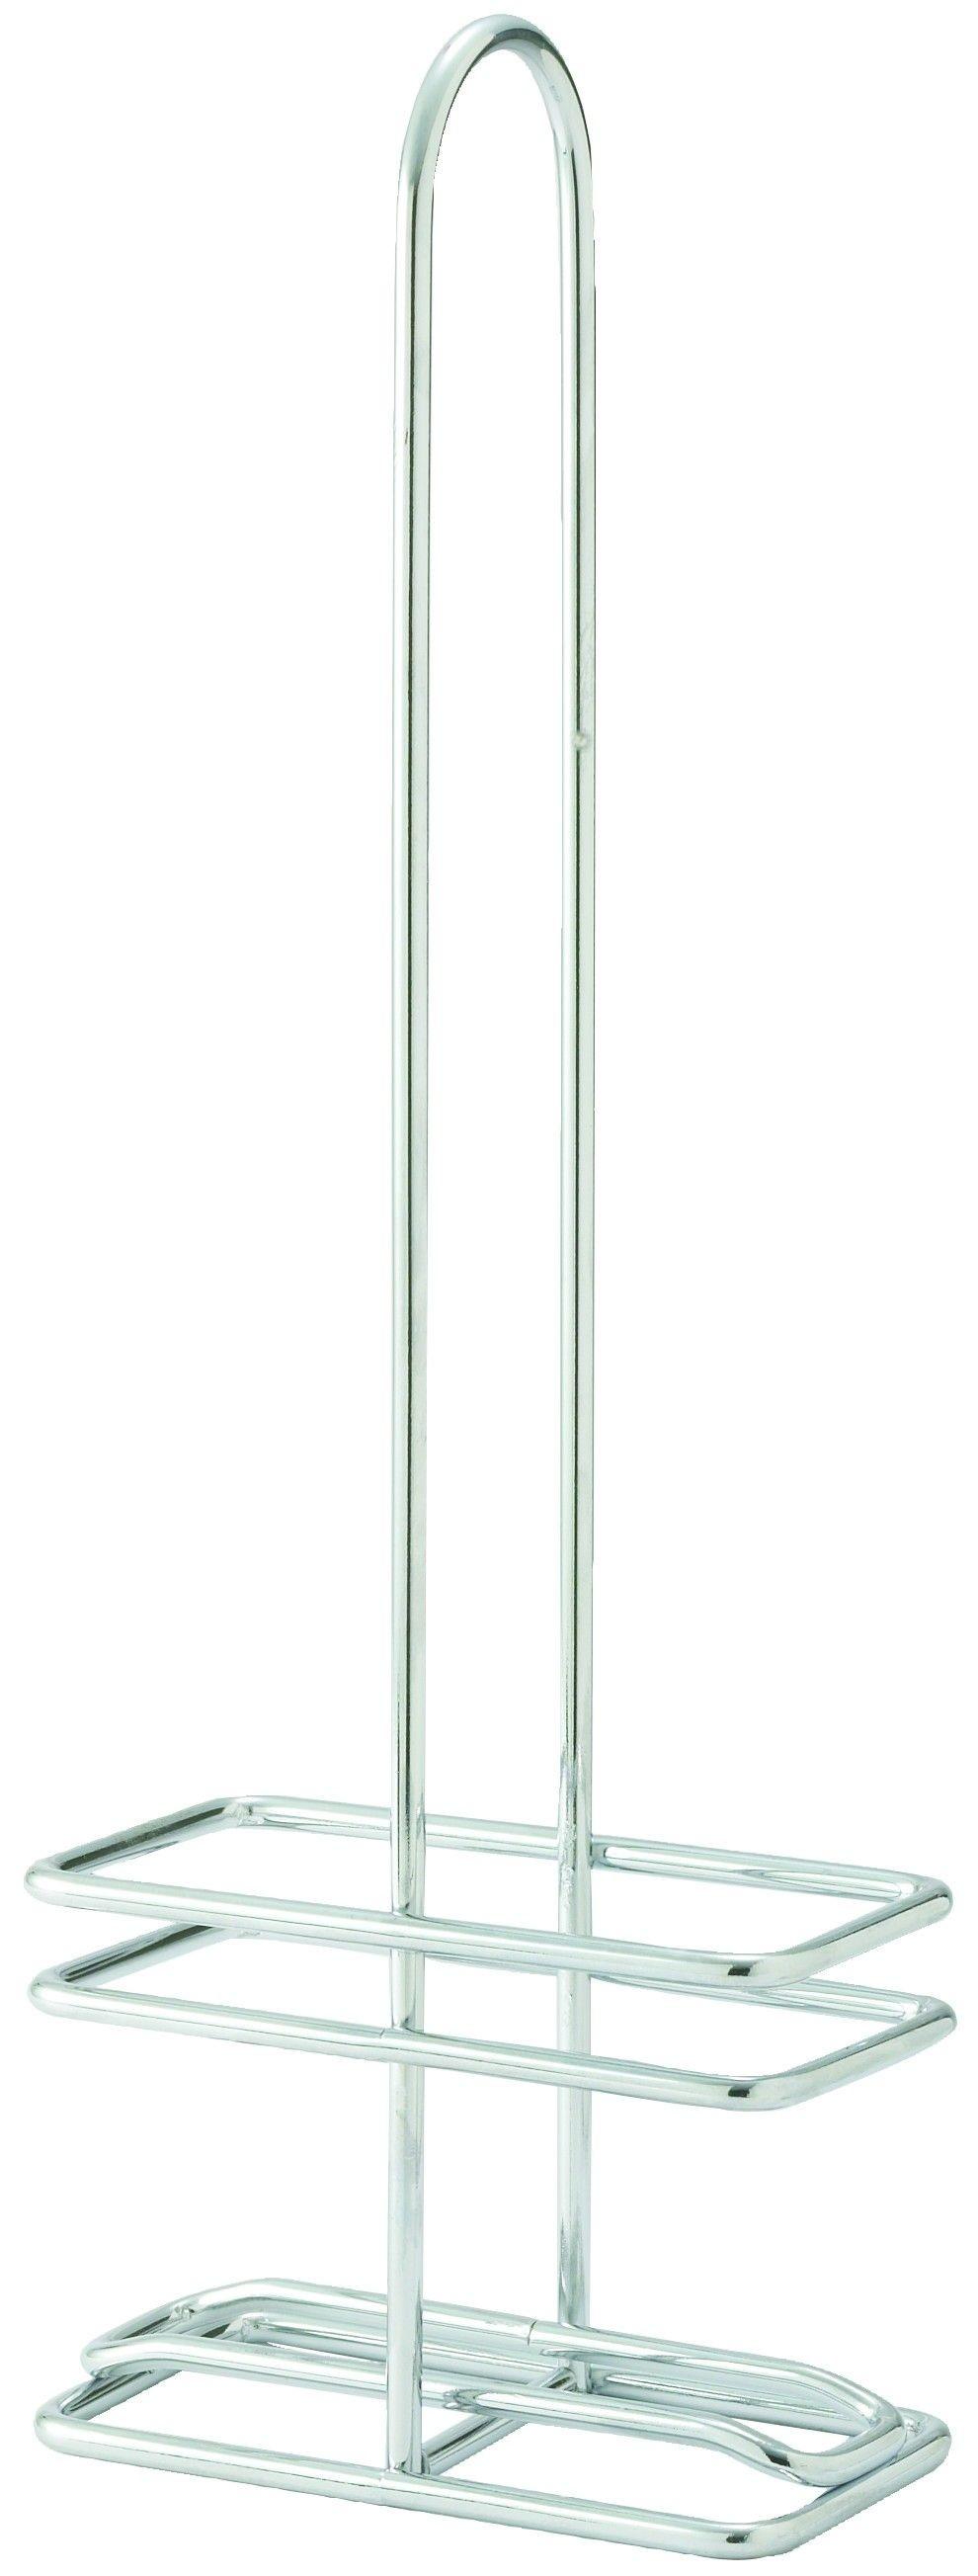 Winco WH-8 Chrome Wire Rack for 8 oz. Oil and Vinegar Cruet